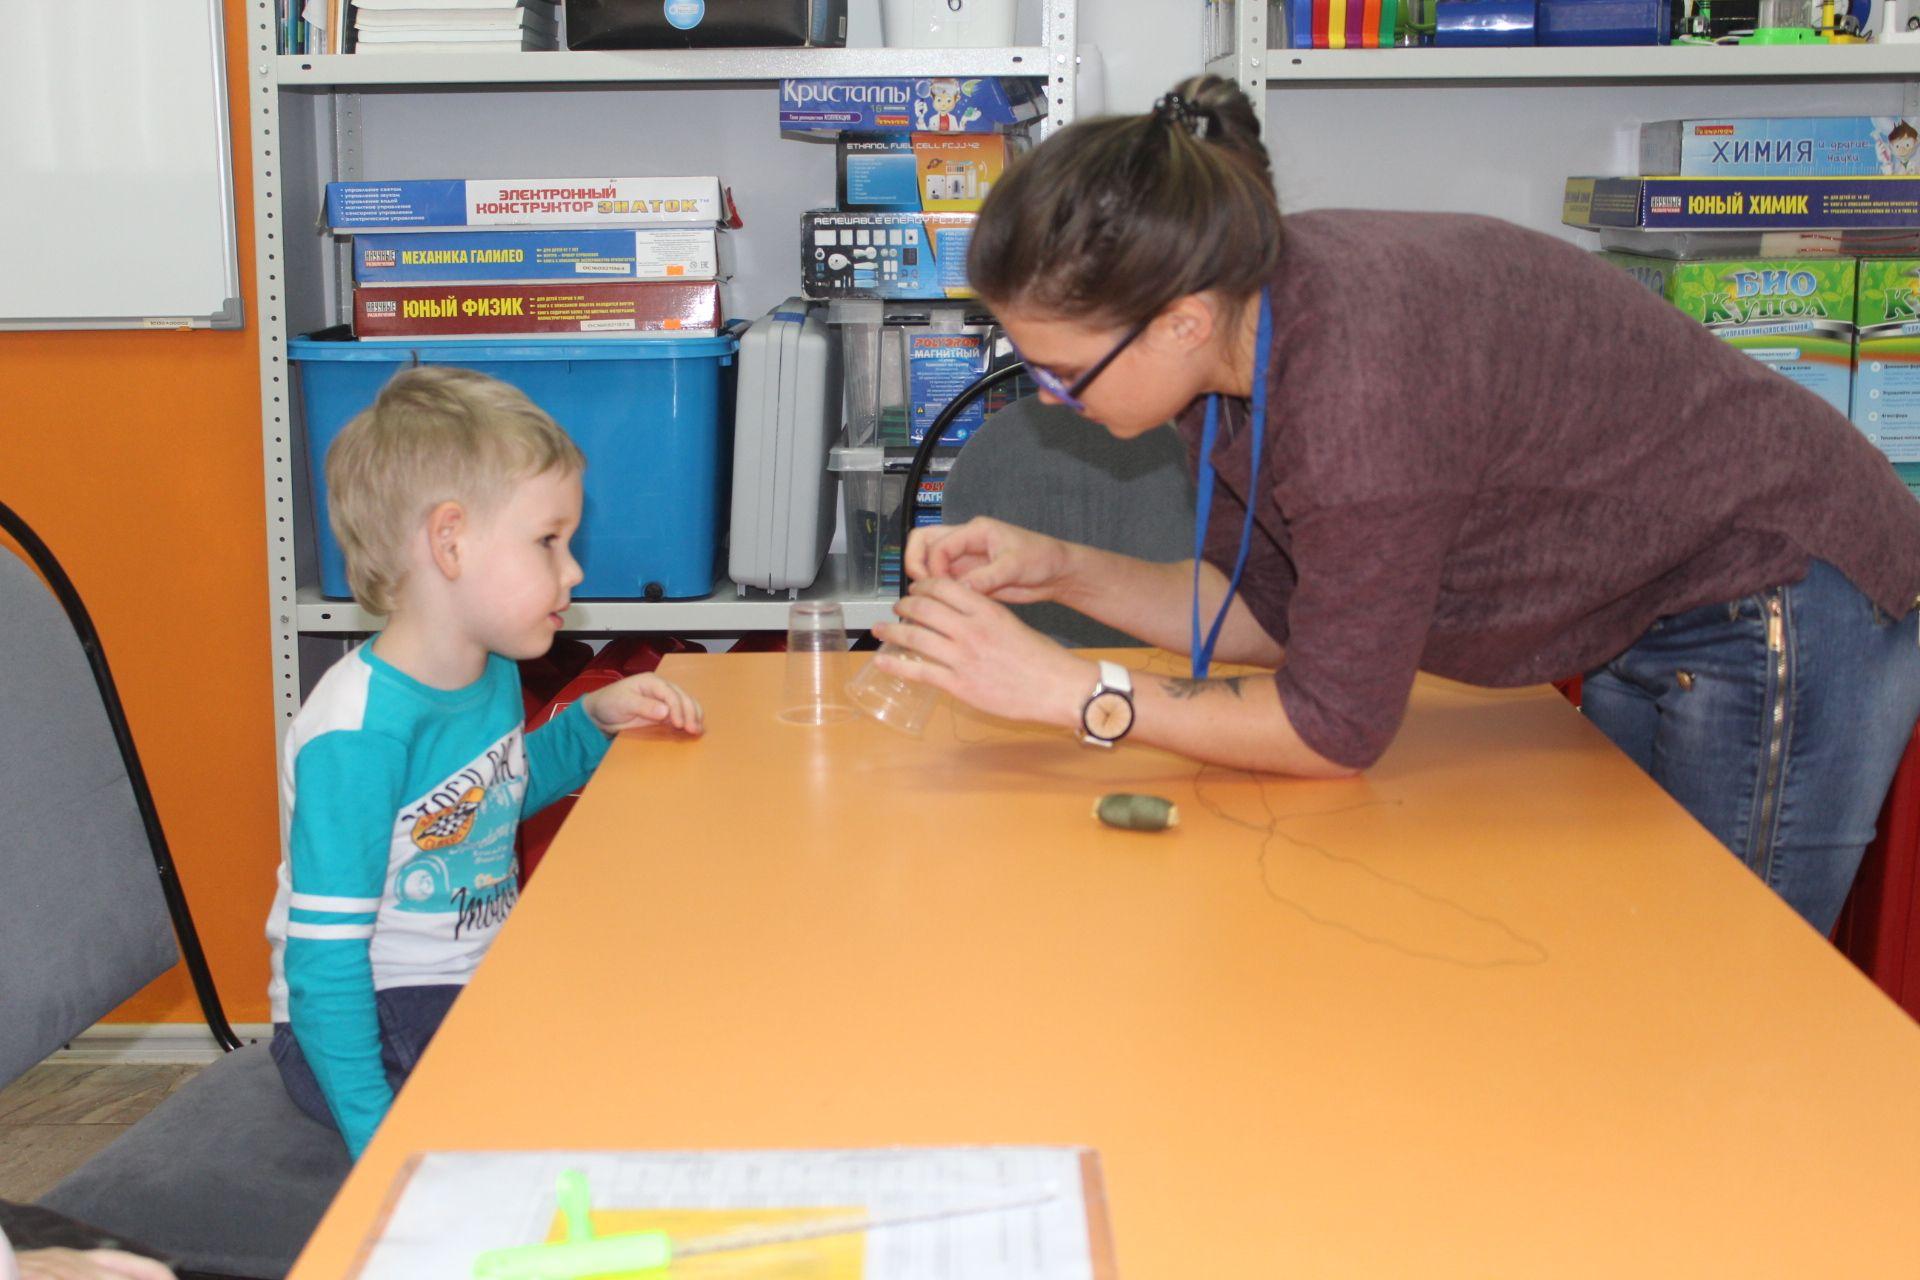 Один день в Доме юношеского технического творчества. День открытых дверей для дошколят